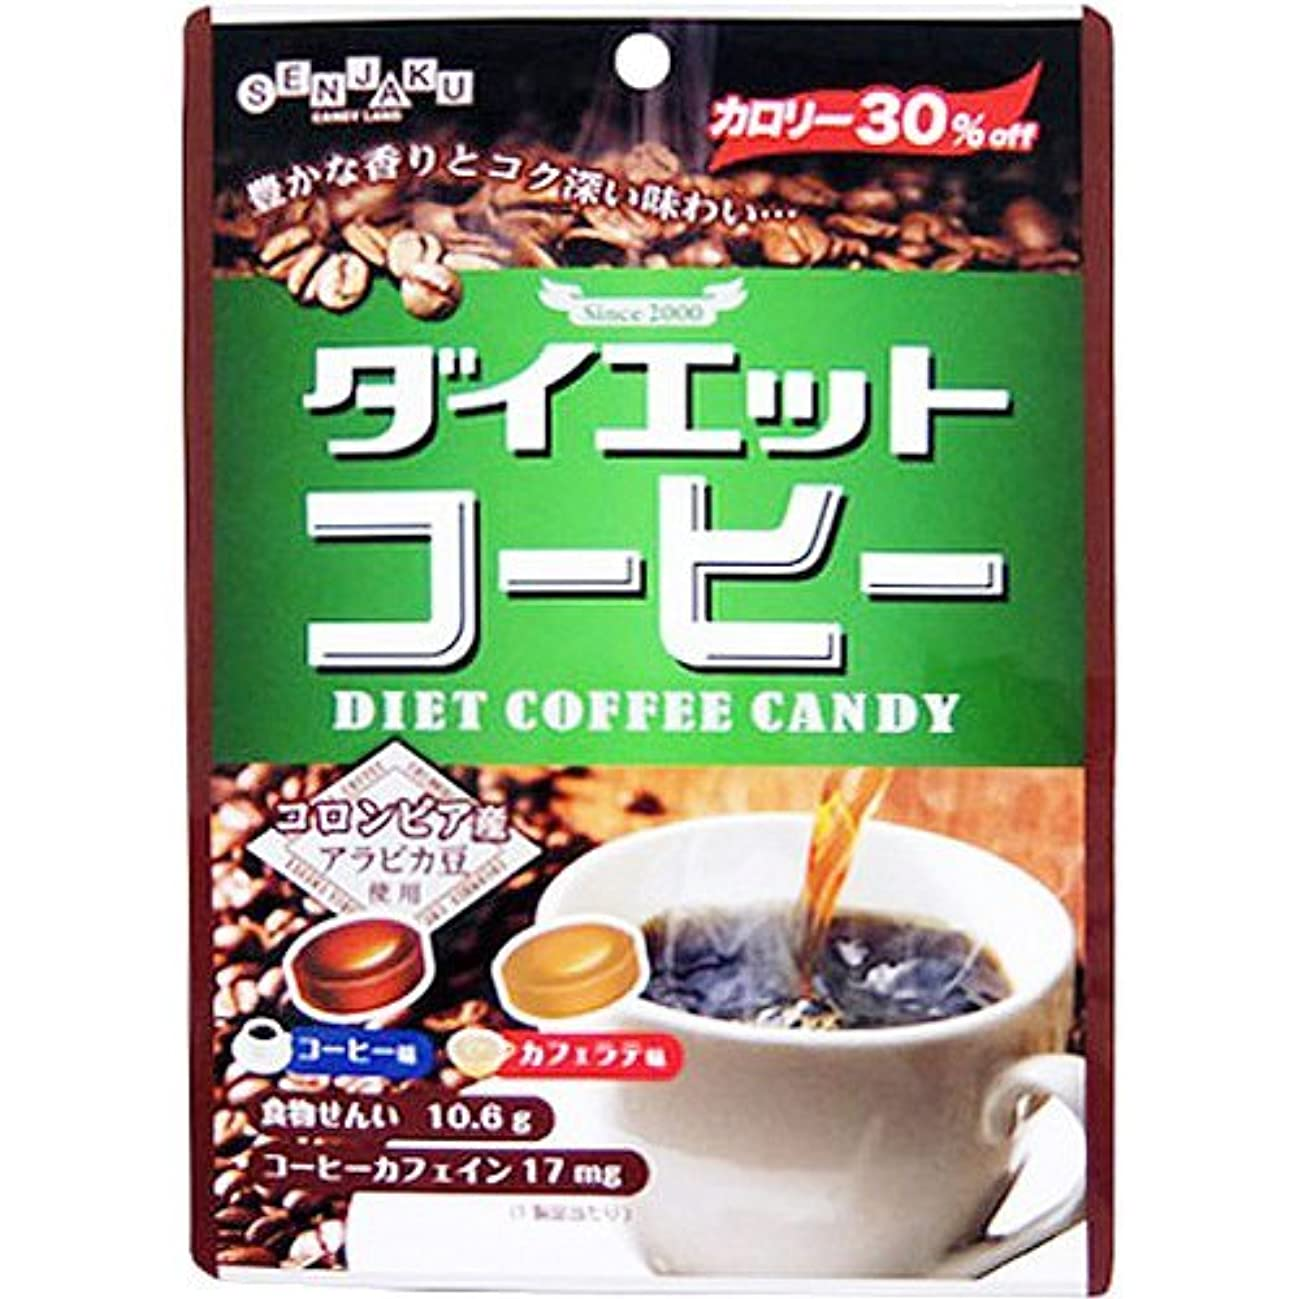 ドアミラー包囲確保する扇雀飴本舗 ダイエットコーヒー 80g